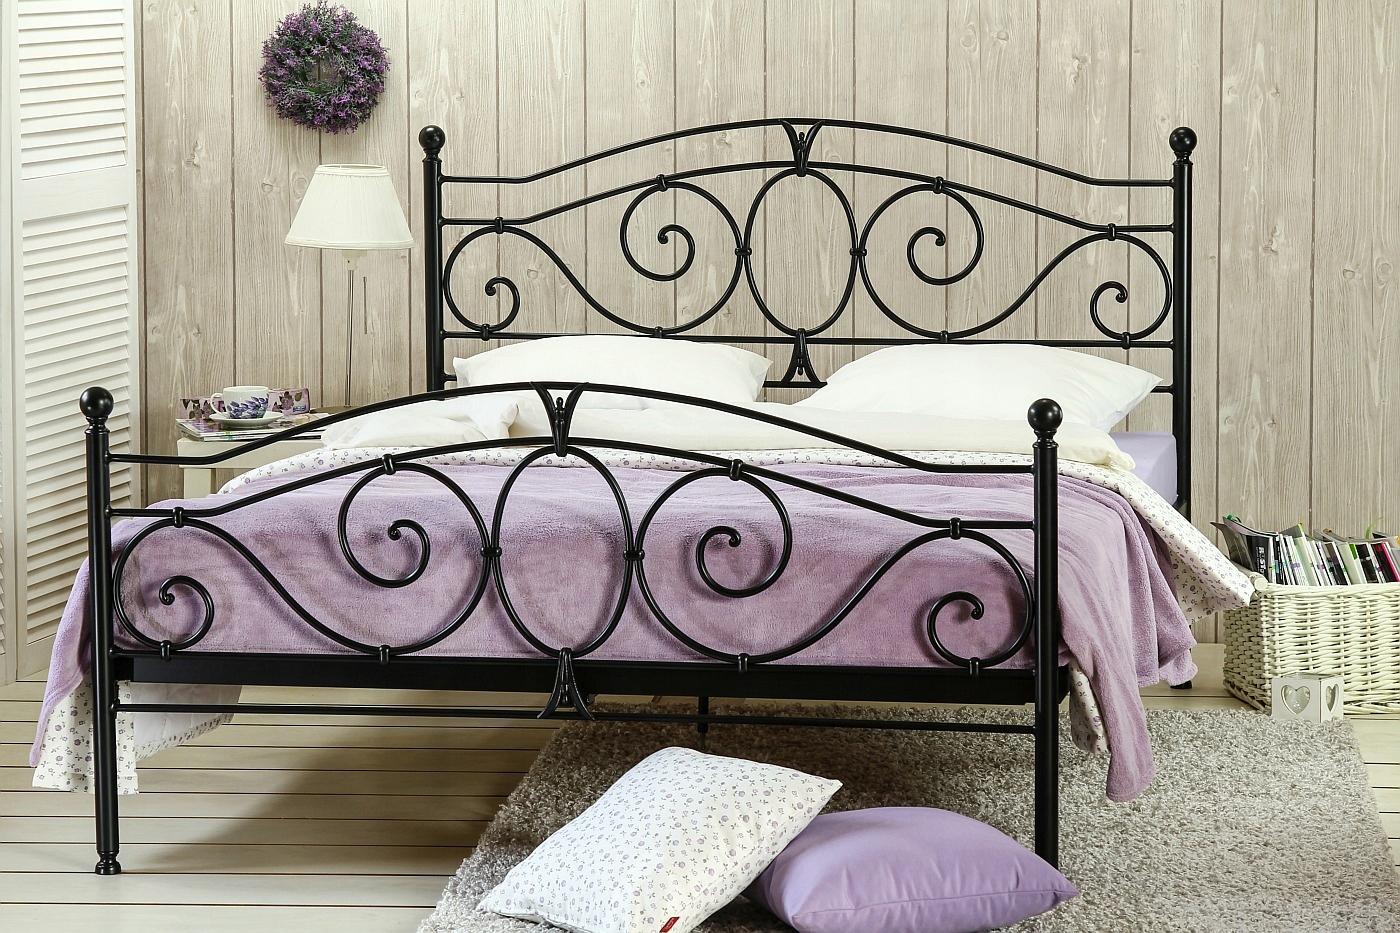 łóżko Kute Metalowe Sylvia 140x200 Dwa Szczyty 7826228758